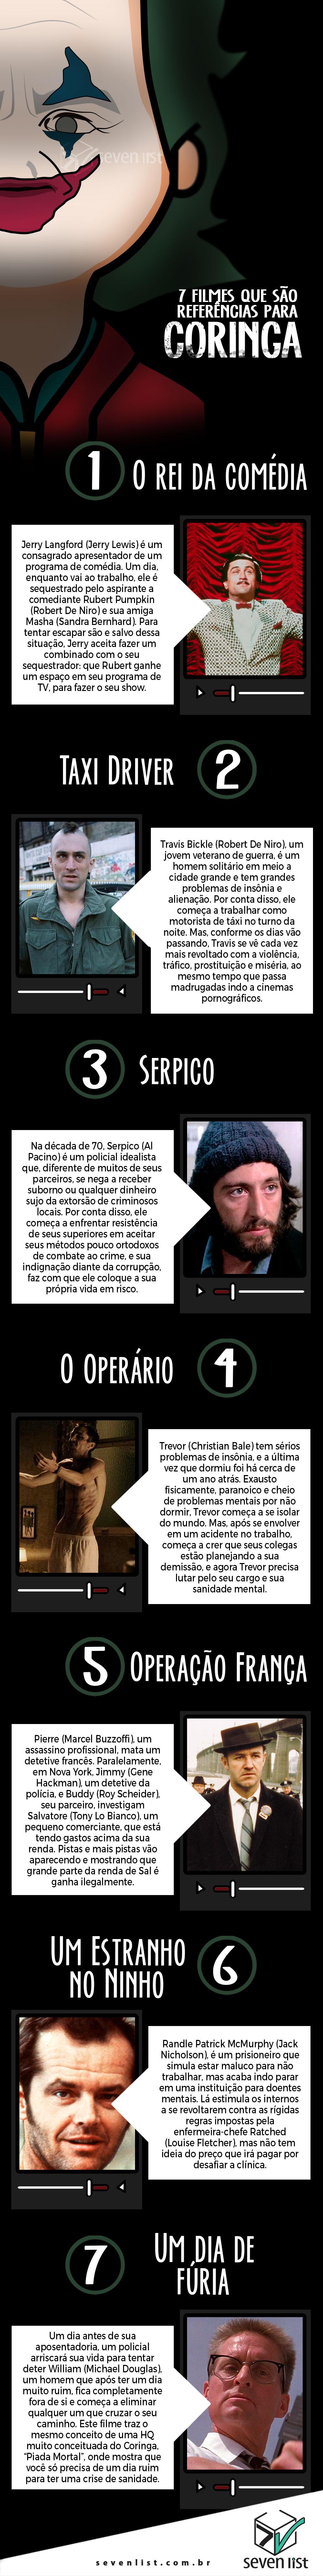 SEVEN LIST FILMES REFERÂNCIAS PARA CORINGA